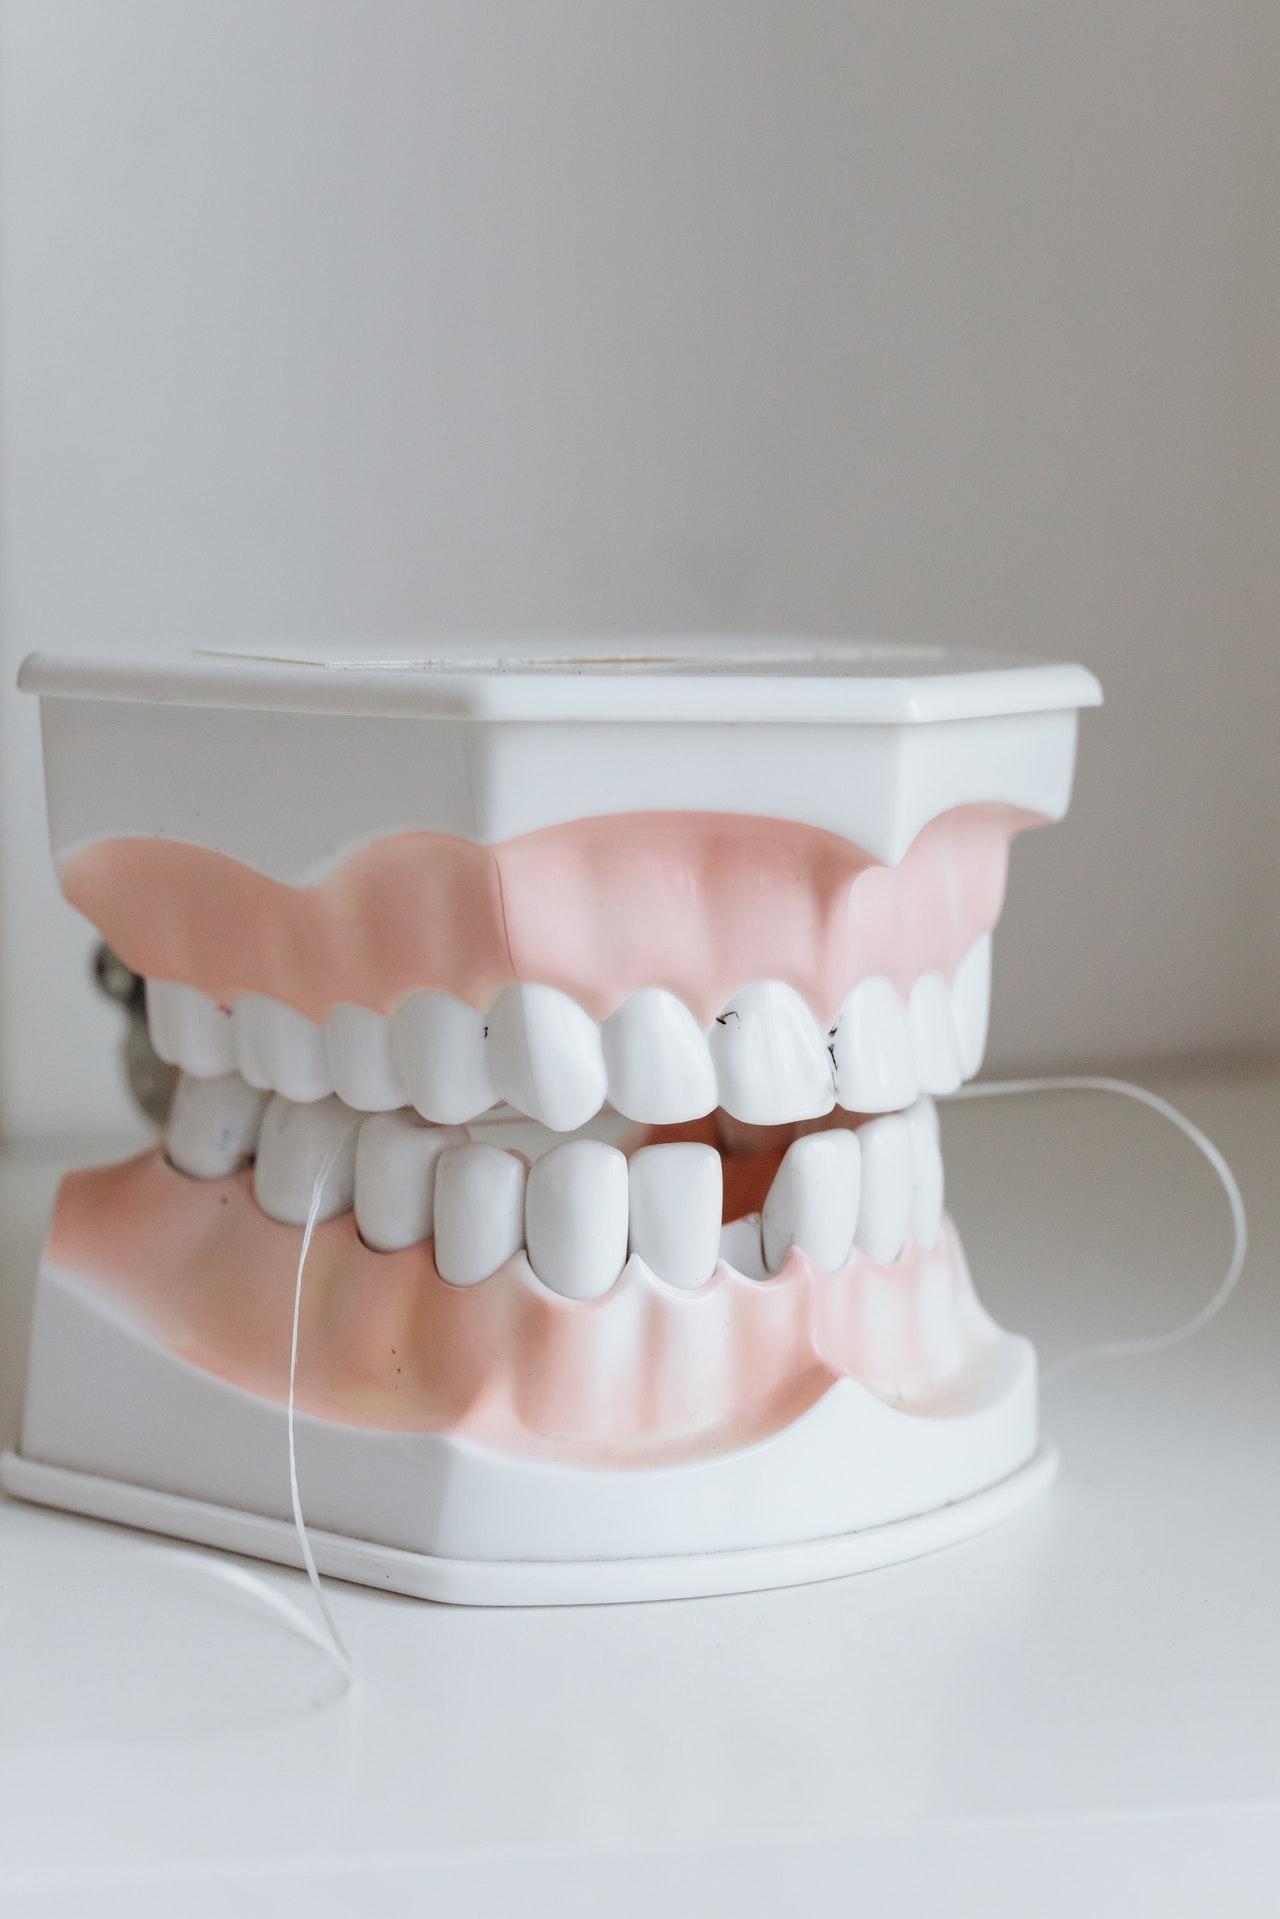 ¡Que no te pase! Secuelas de un mal diagnóstico de alineación dental